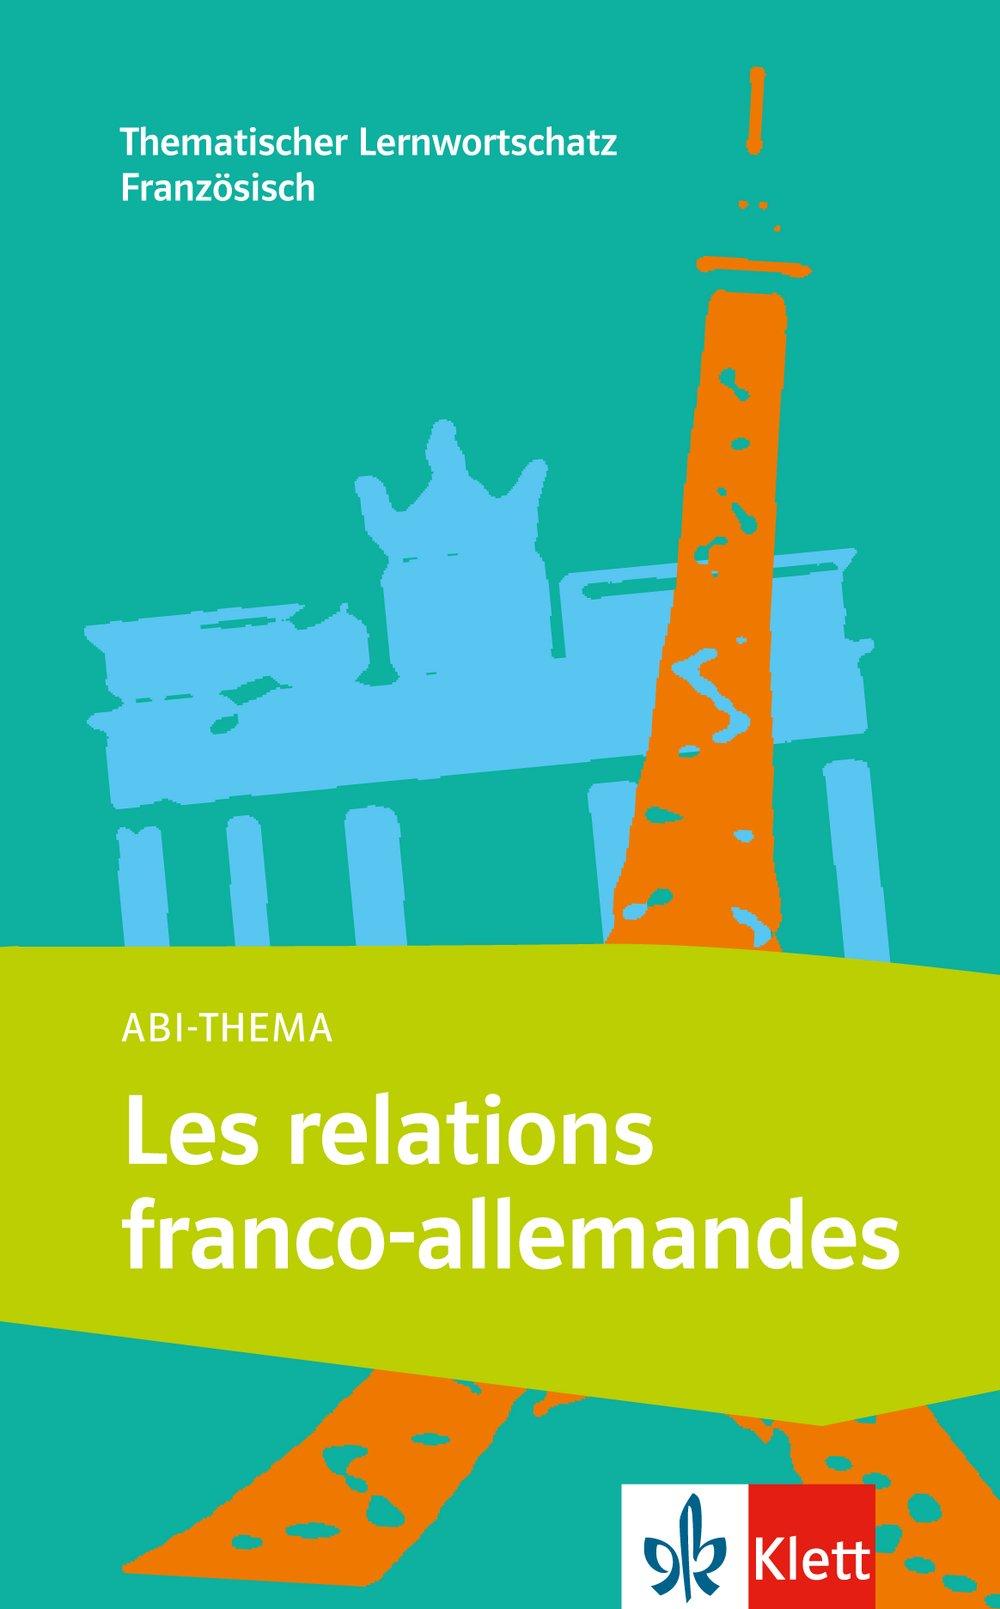 Les relations franco-allemandes: Thematischer Lernwortschatz Französisch B1-B2 (Abi-Thema)